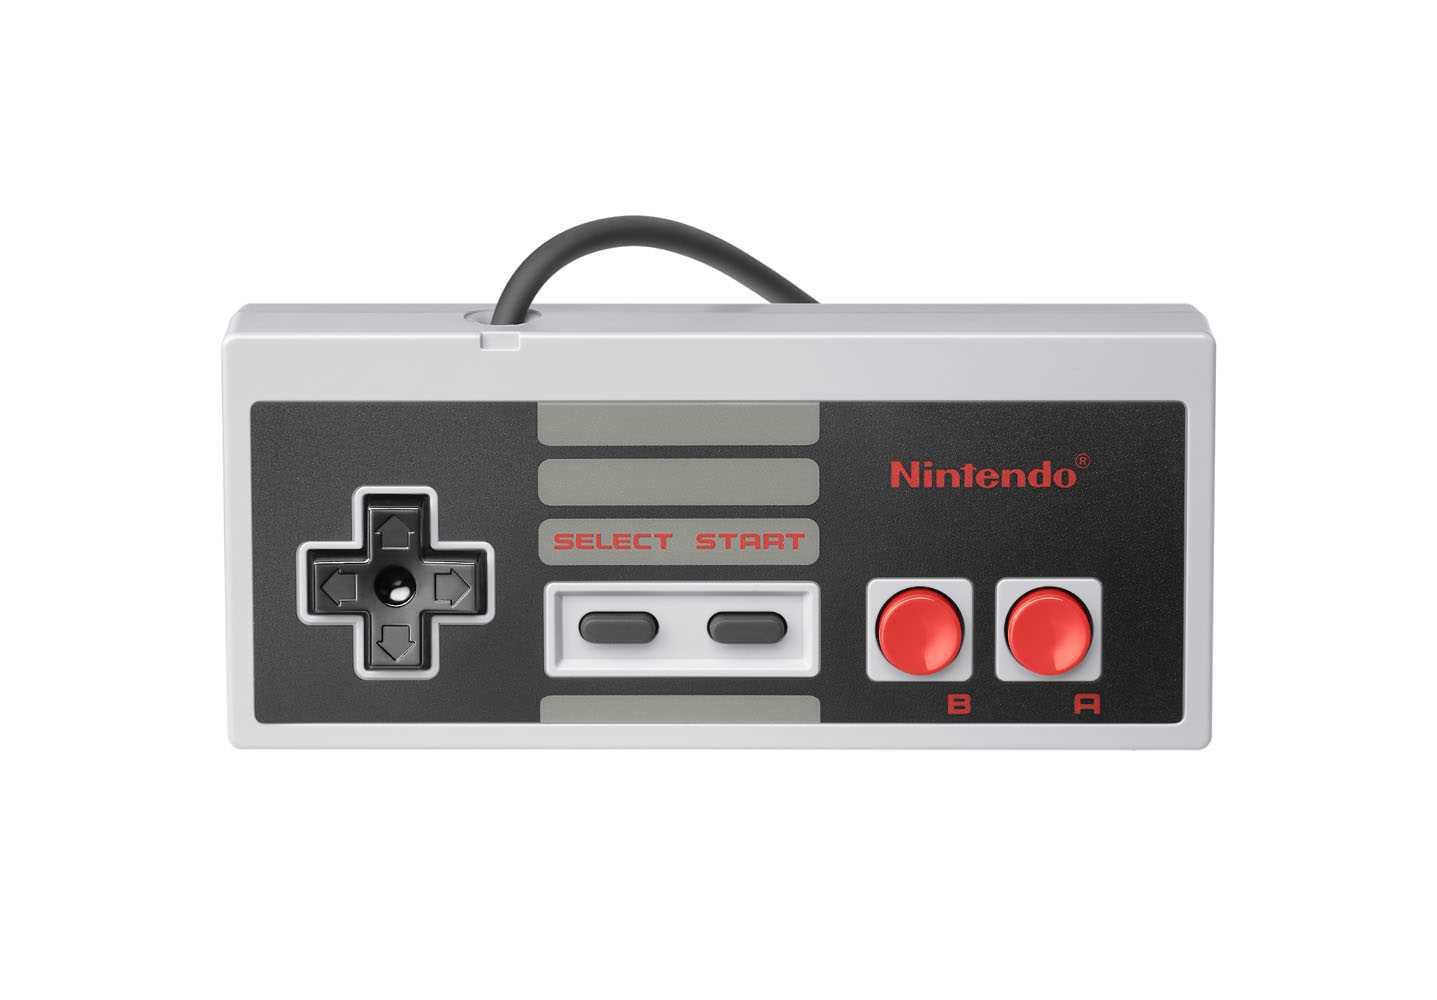 NES Classic Mini controller